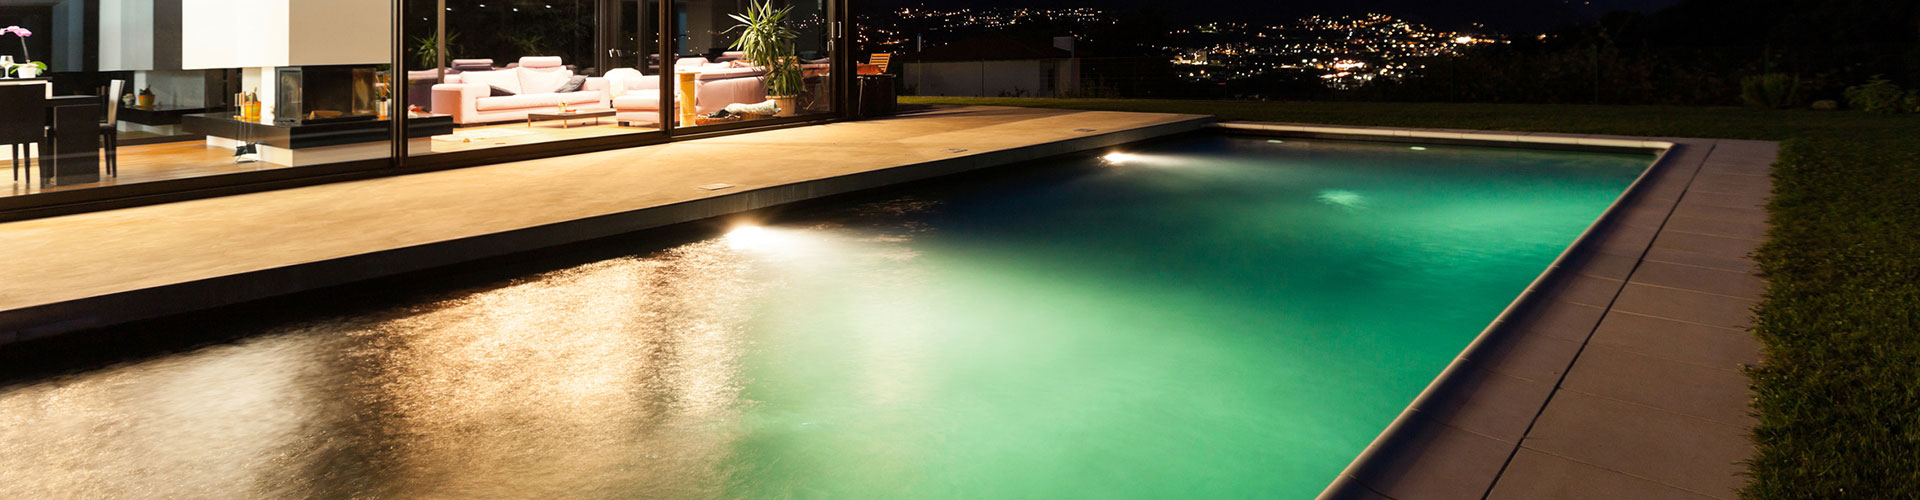 Construction de piscines traditionnelles centerspas for Piscine miroir fond mobile